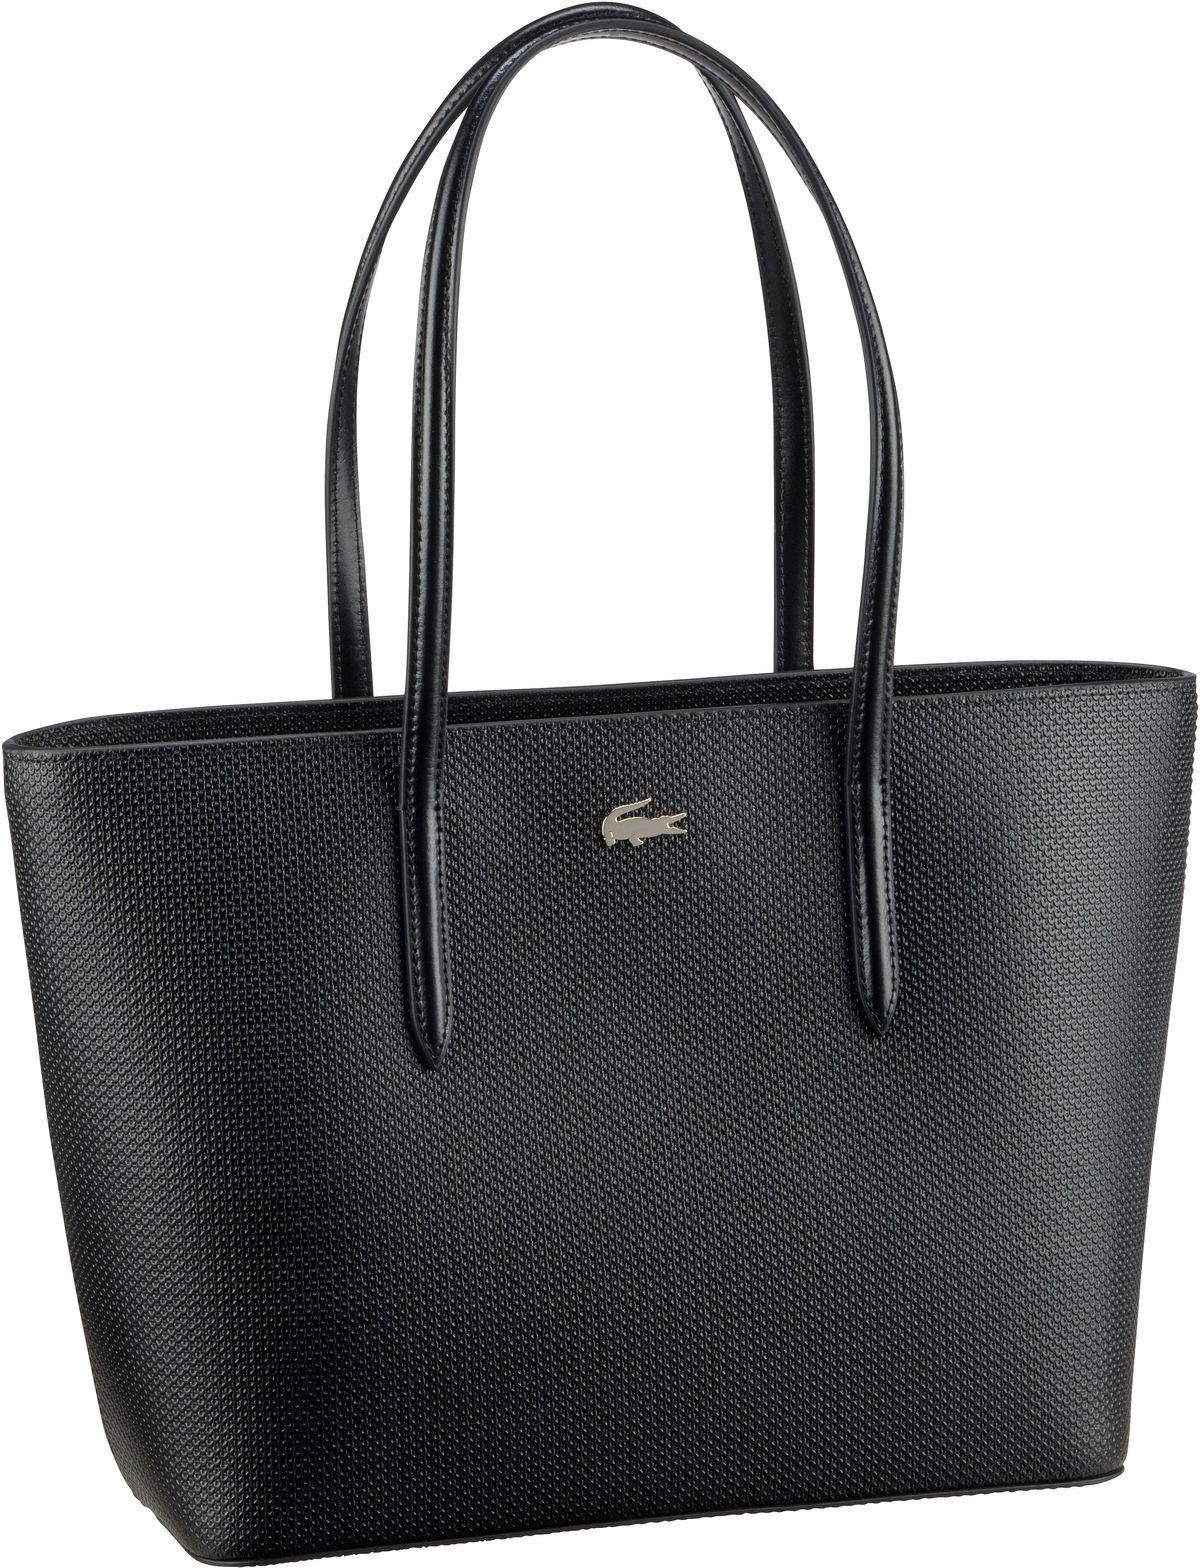 Handtasche Chantaco Shopping Bag 2733 Black